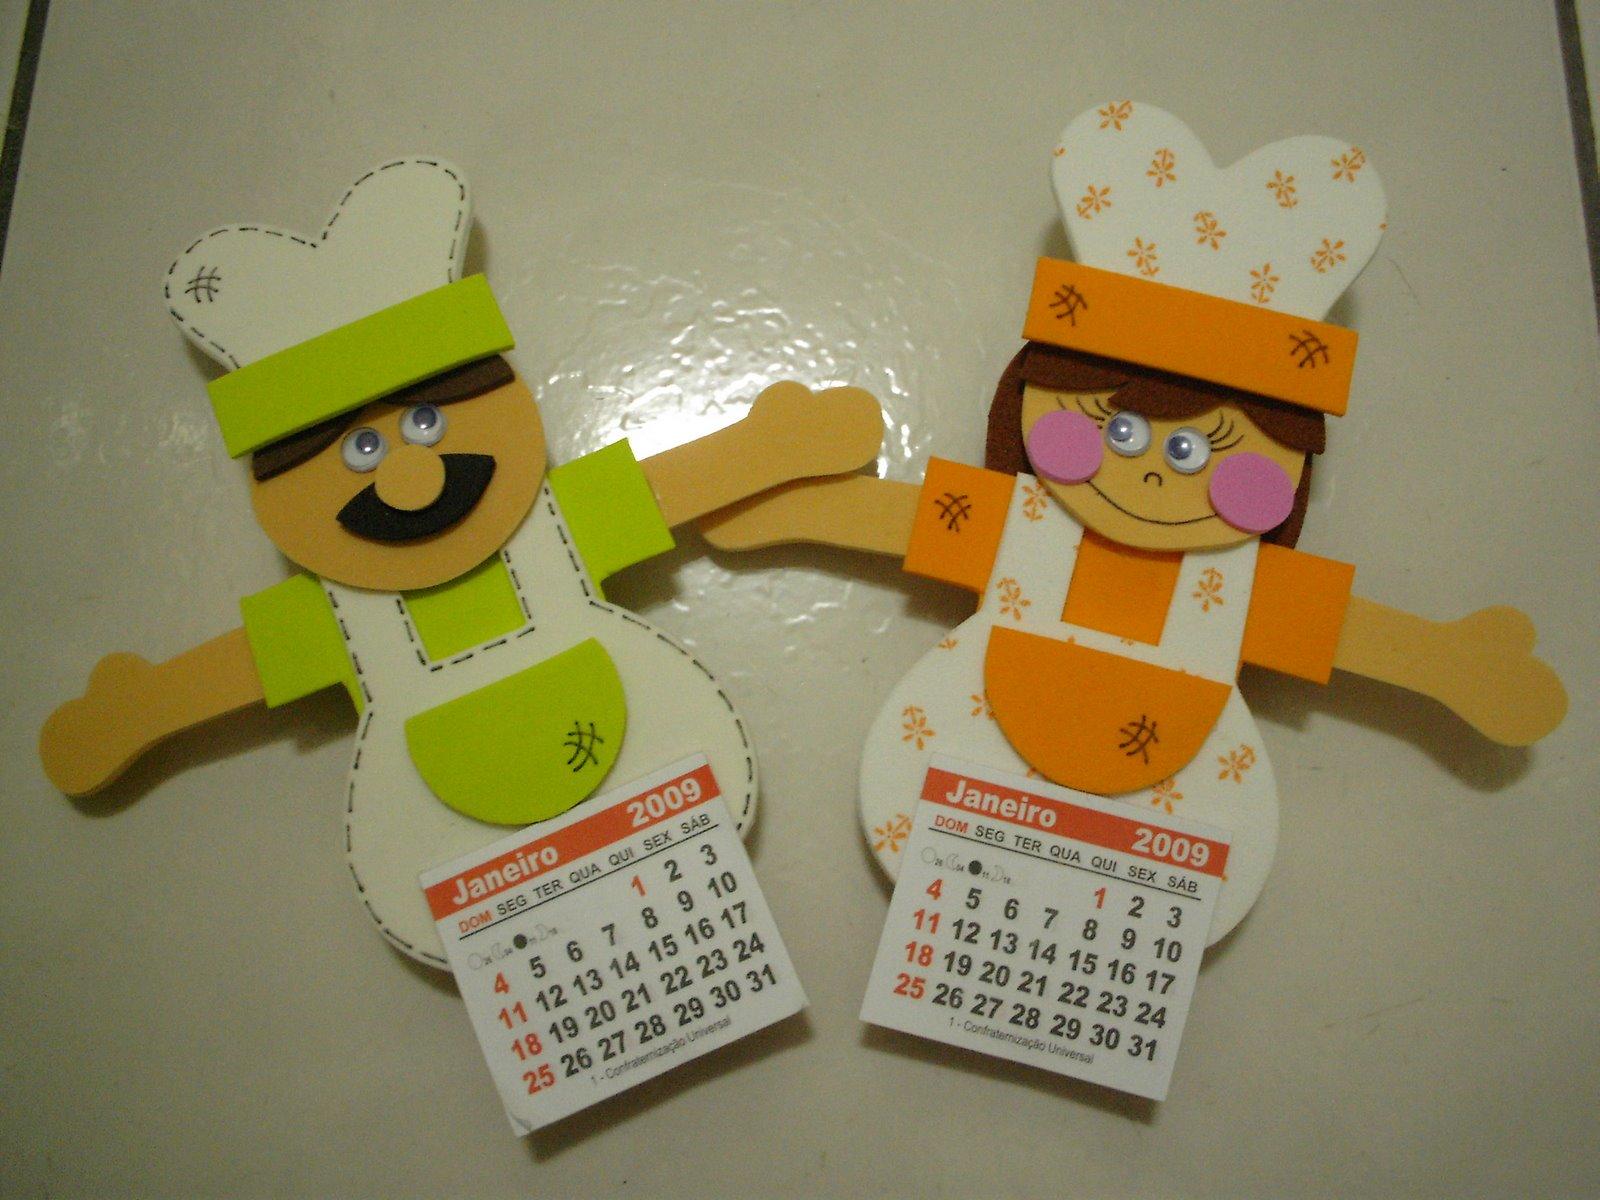 Pequeno rebanho calendario cozinheiro e cozinheira for Calendario manualidades